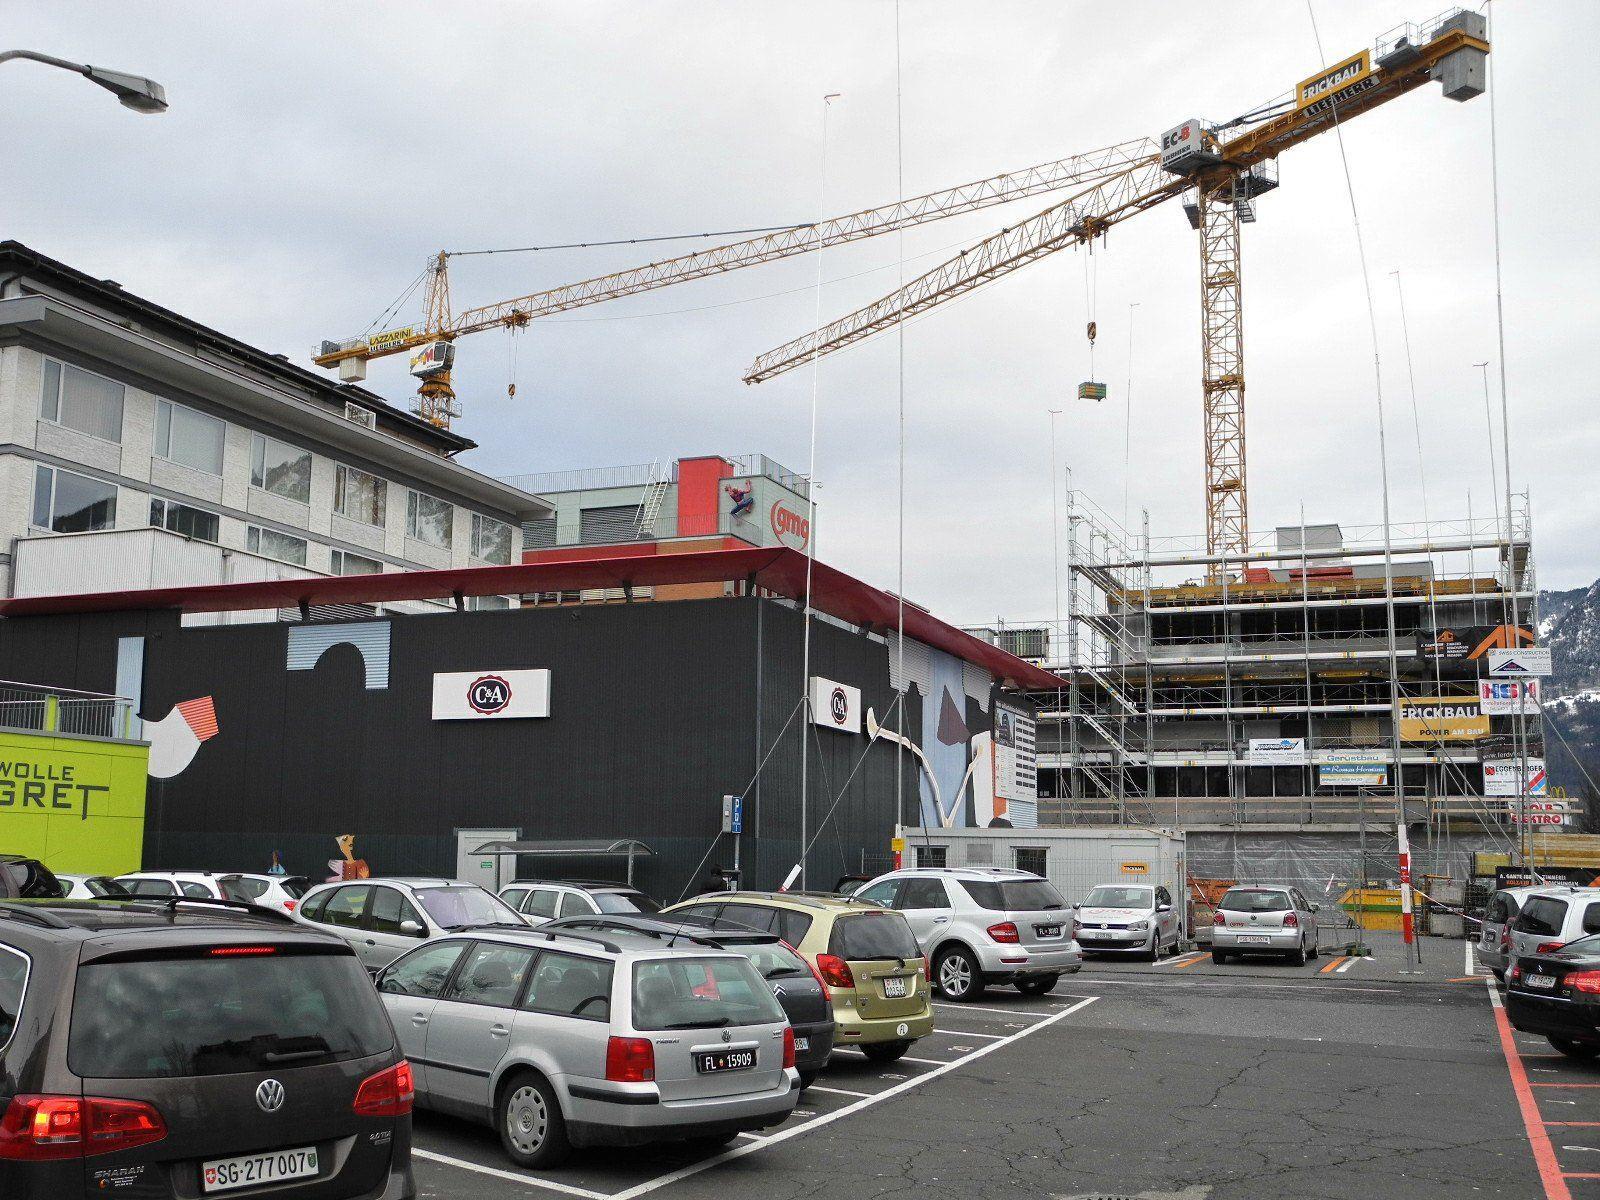 Die Richtstangen zeigen die Höhe den geplanten Neubaus an